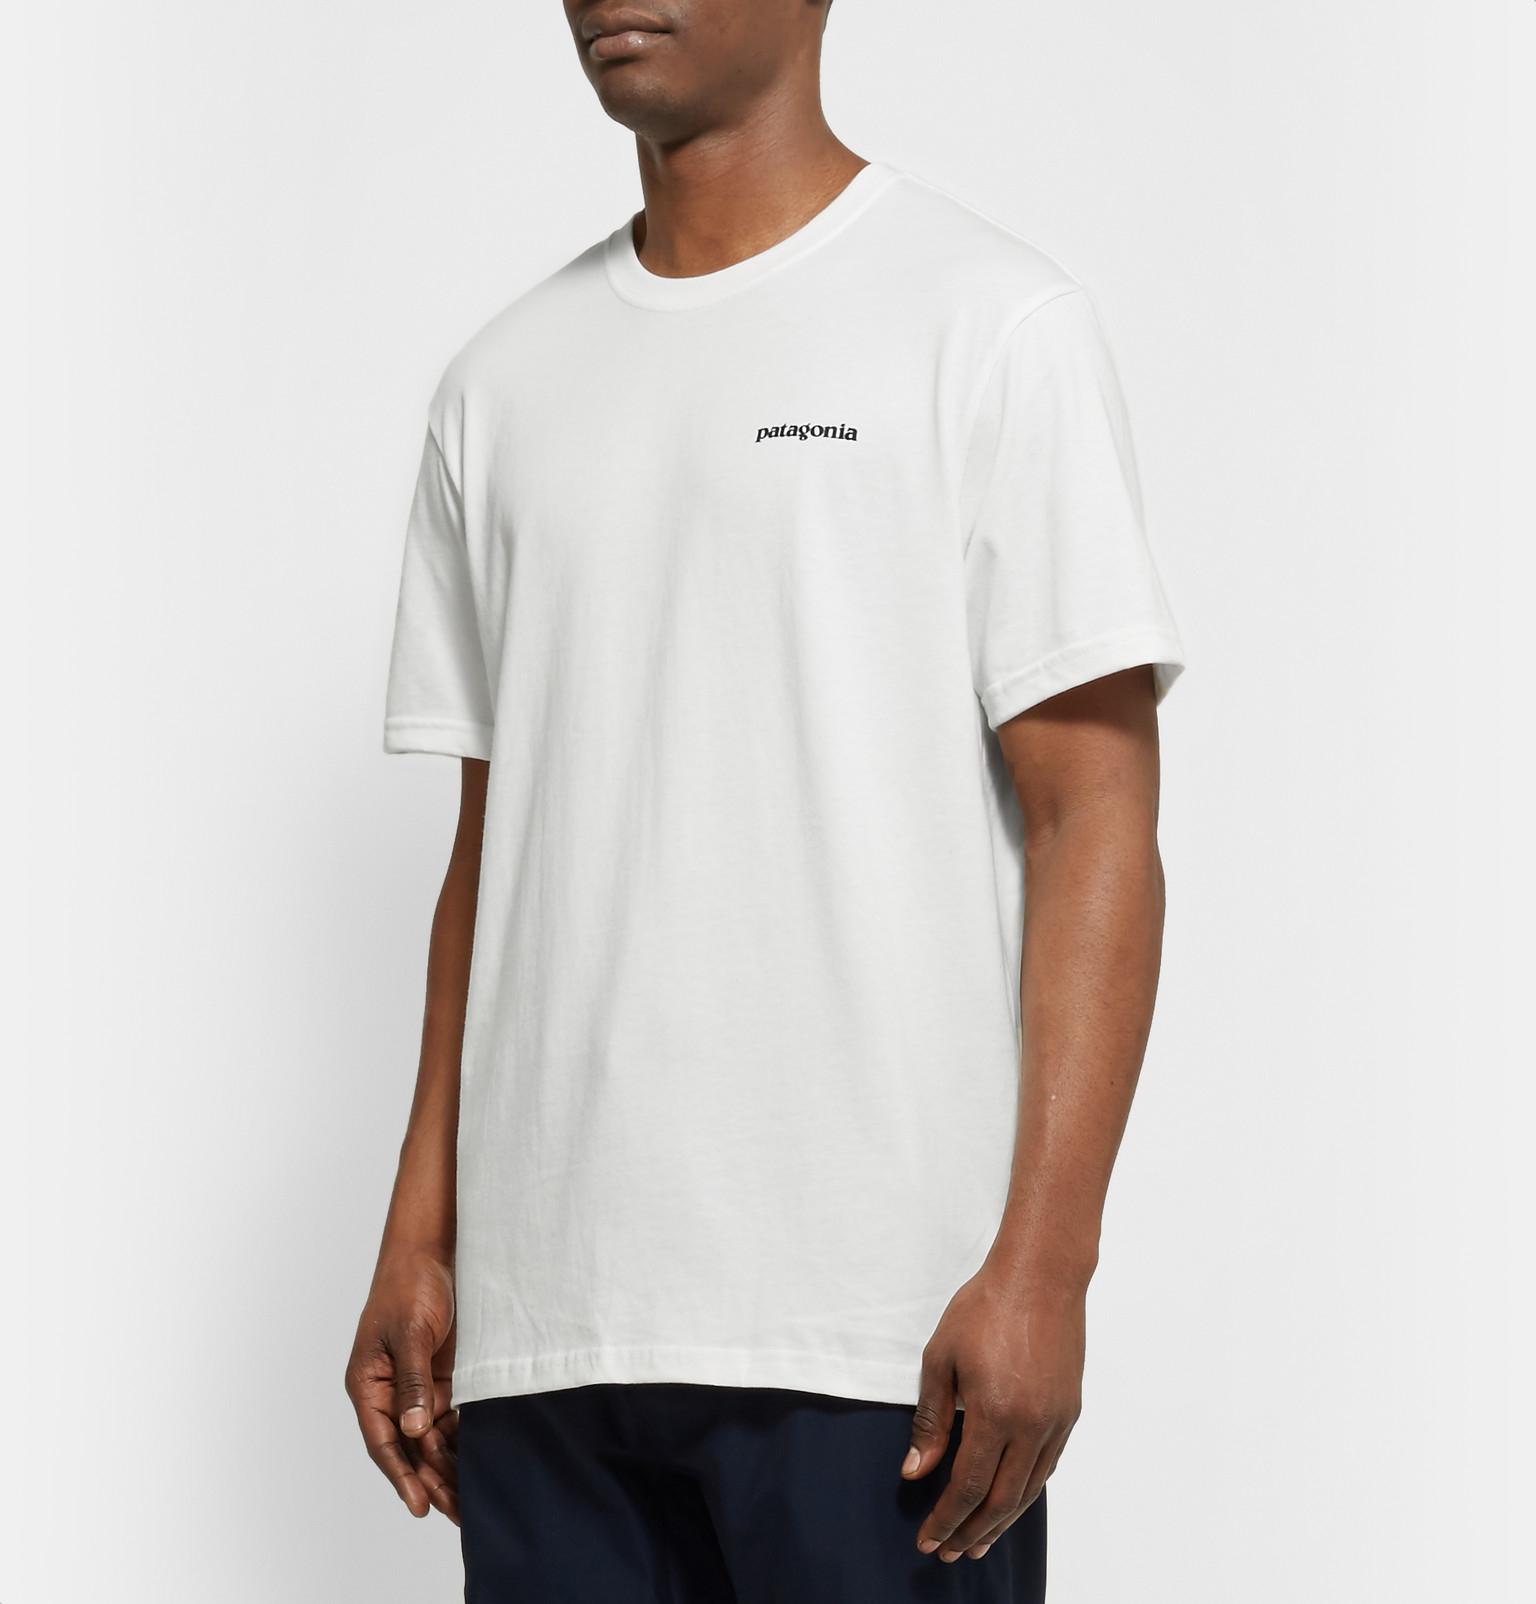 Patagonia p 6 logo printed organic cotton jersey t shirt for Organic cotton t shirt printing